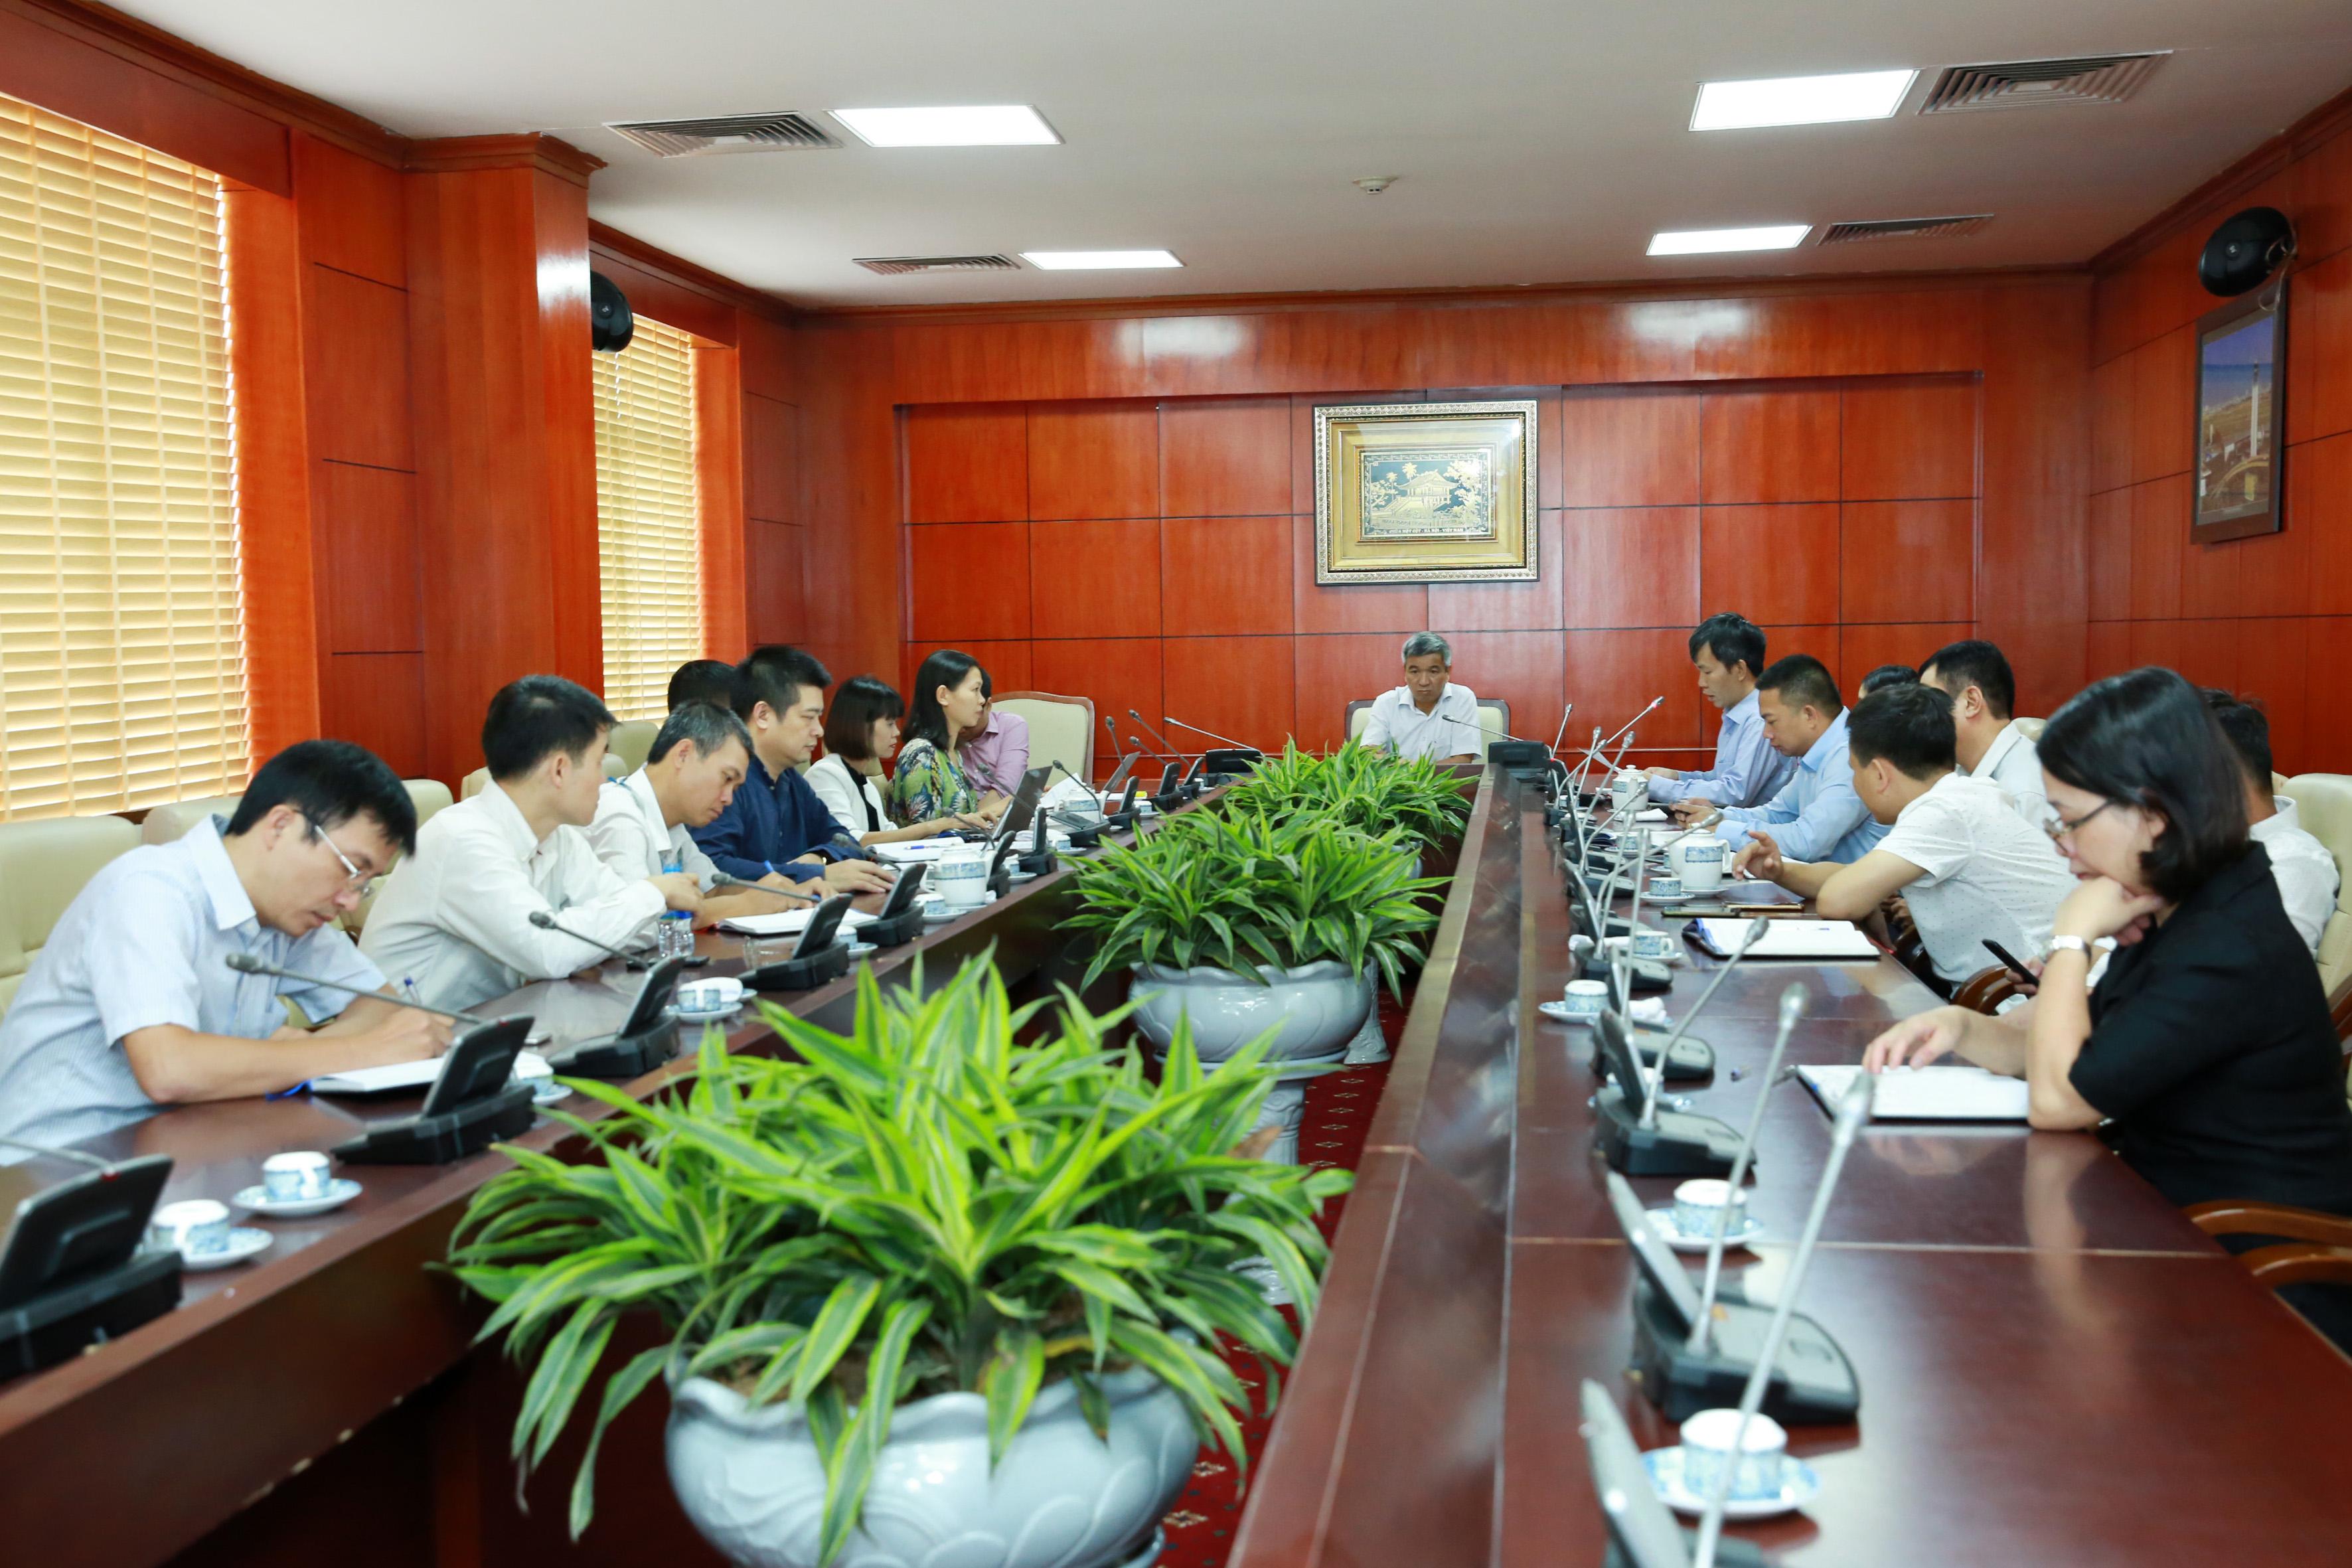 VATM: Khai mạc đánh giá giám sát lần 1 Hệ thống Quản lý chất lượng theo tiêu chuẩn ISO 9001:2015